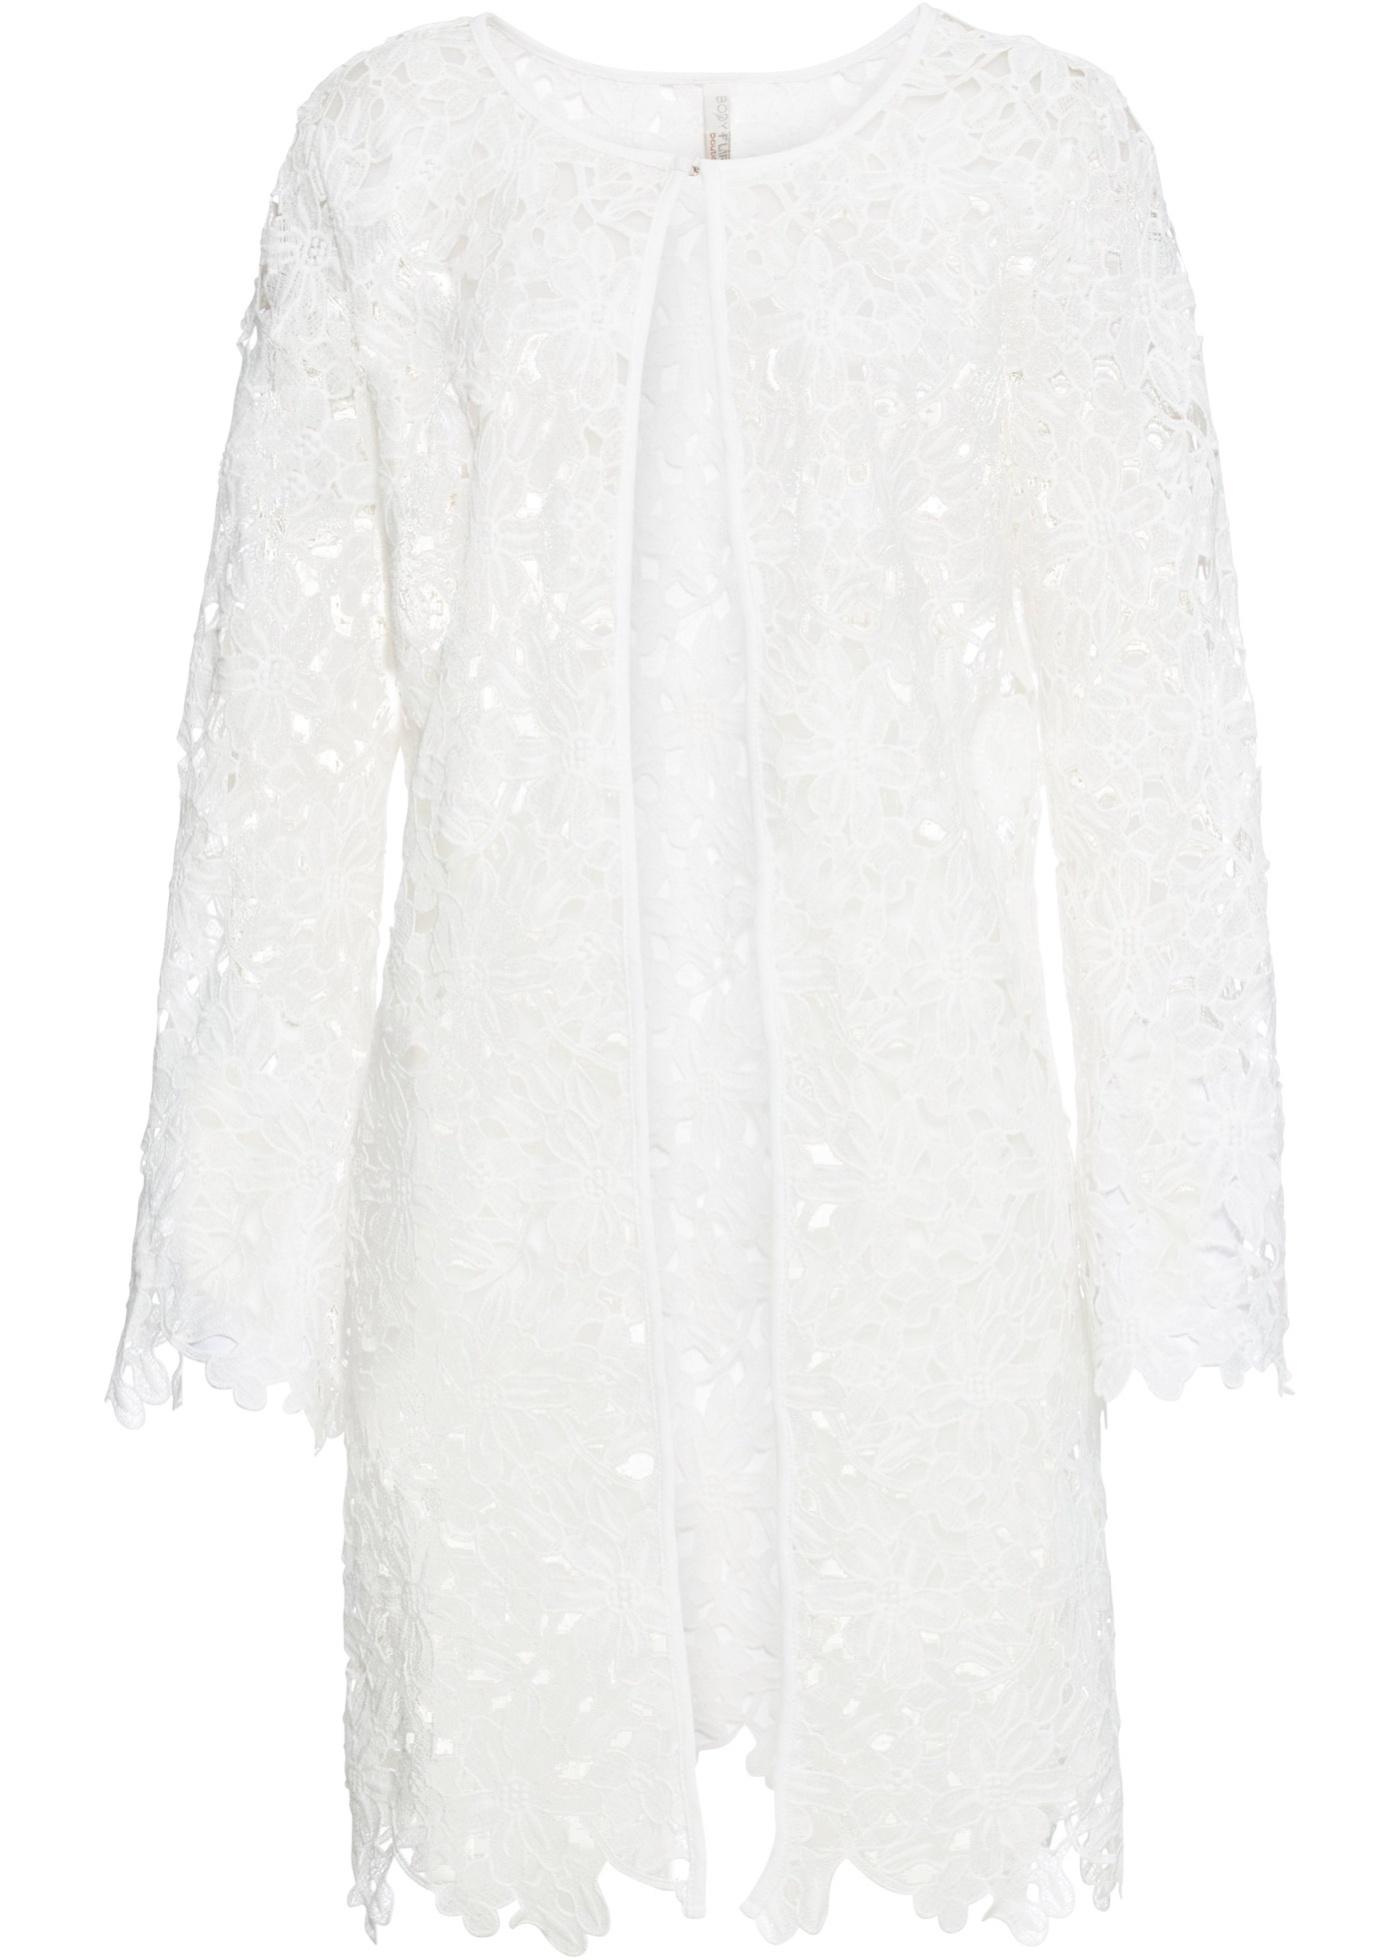 Spitzenjacke 7/8 Arm  in weiß für Damen von bonprix